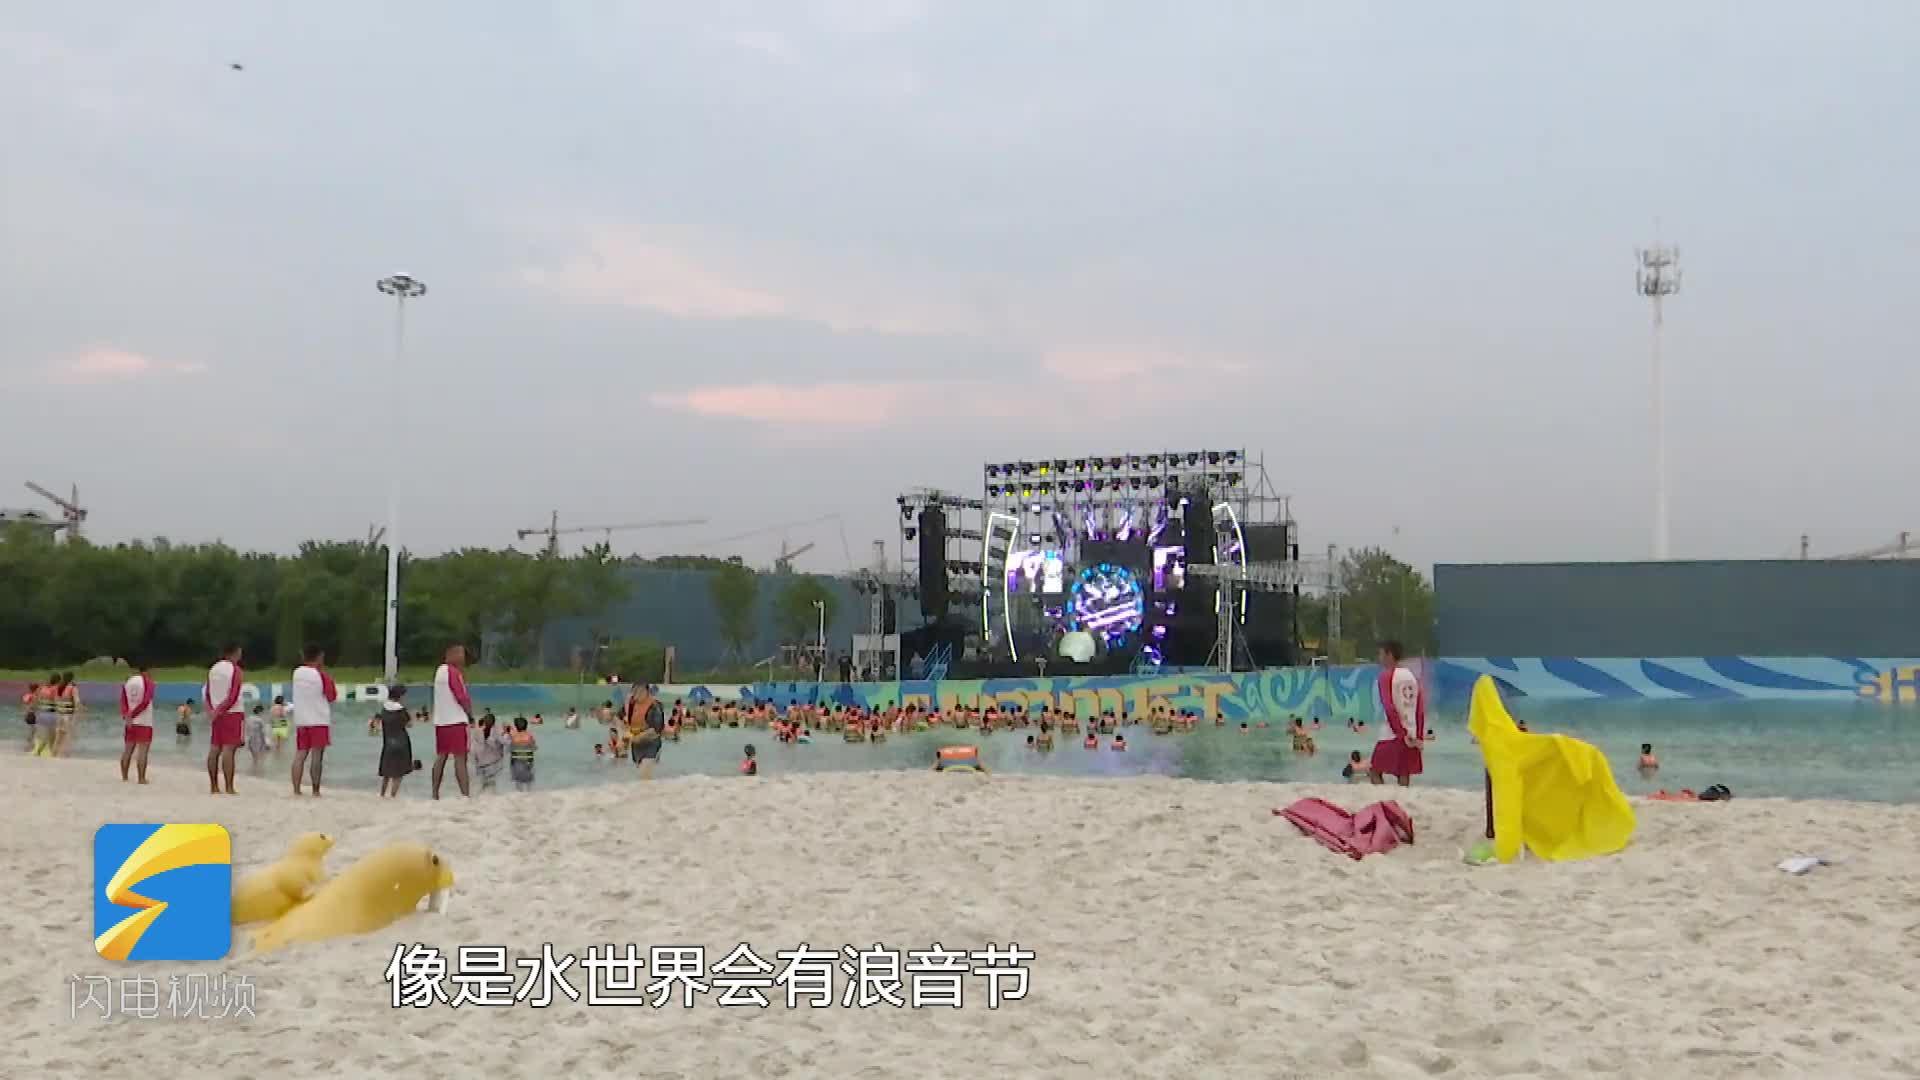 沙滩旁的热浪狂嗨!泉城欧乐堡水世界电音节等你来打卡!